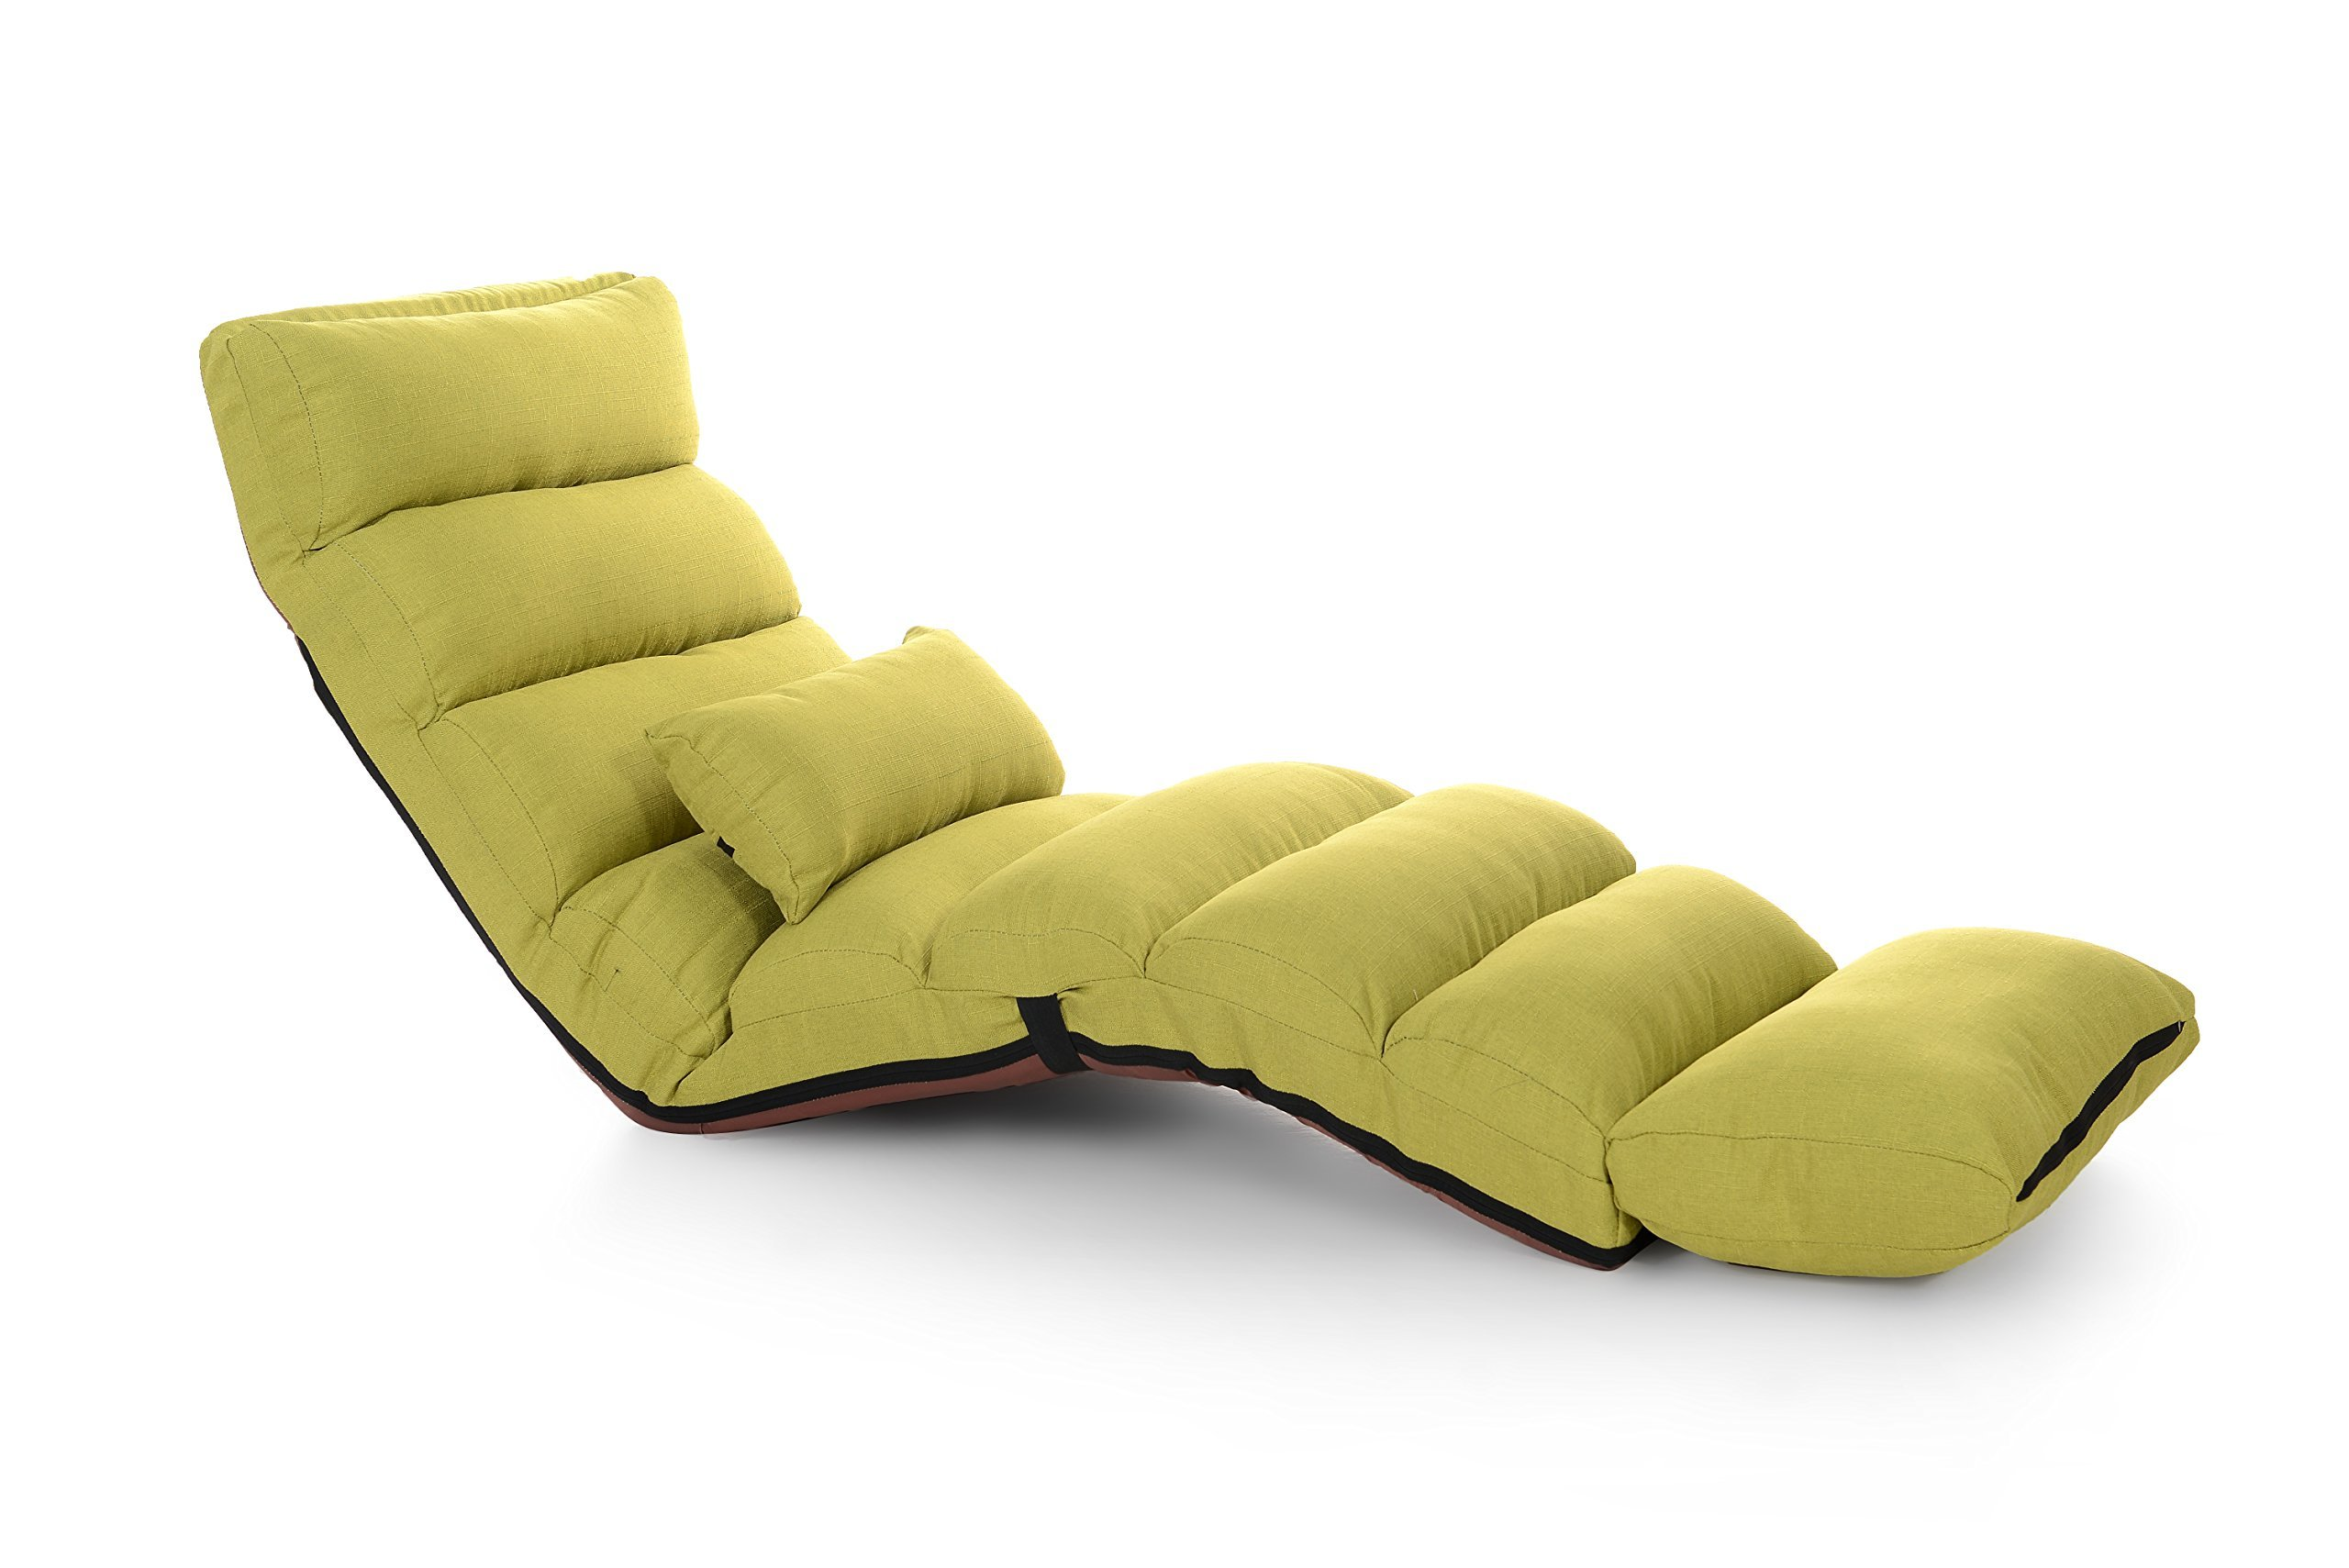 e-joy Relaxing Sofa Bean Bag Folding Sofa Chair, Futon Chair and Lounge, Fruit Green